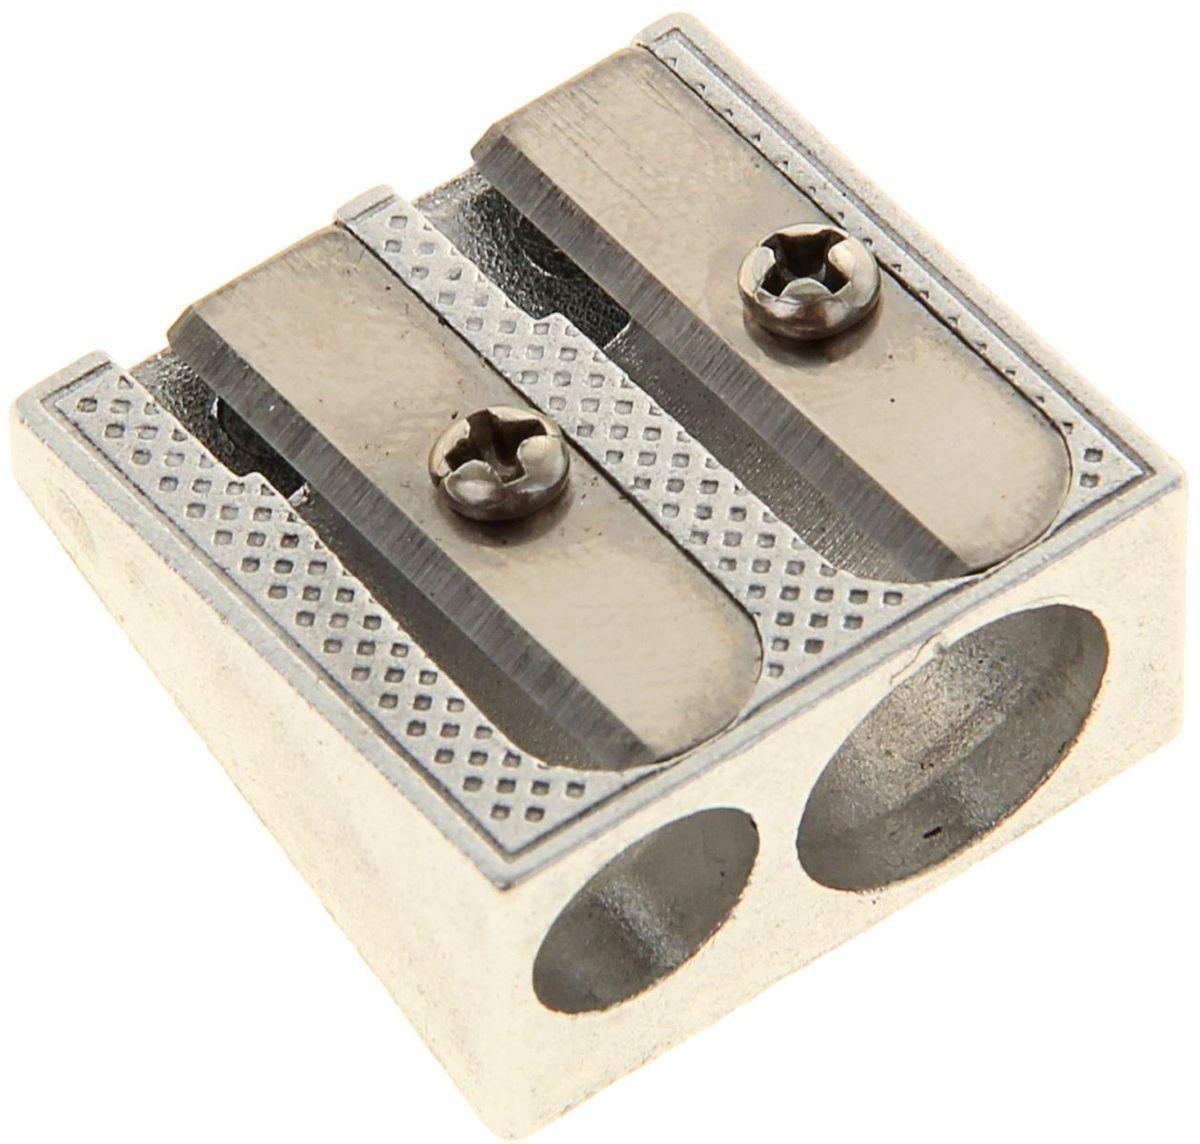 Erich Krause Точилка двойная Ferro Plus34650_желтый, зеленыйУдаропрочный металлический корпус. Имеет два отверстия диаметром 8 мм и 11 мм для заточки стандартных и утолщенных (Jumbo) карандашей. Высококачественное стальное лезвие обеспечивает аккуратную и острую заточку.